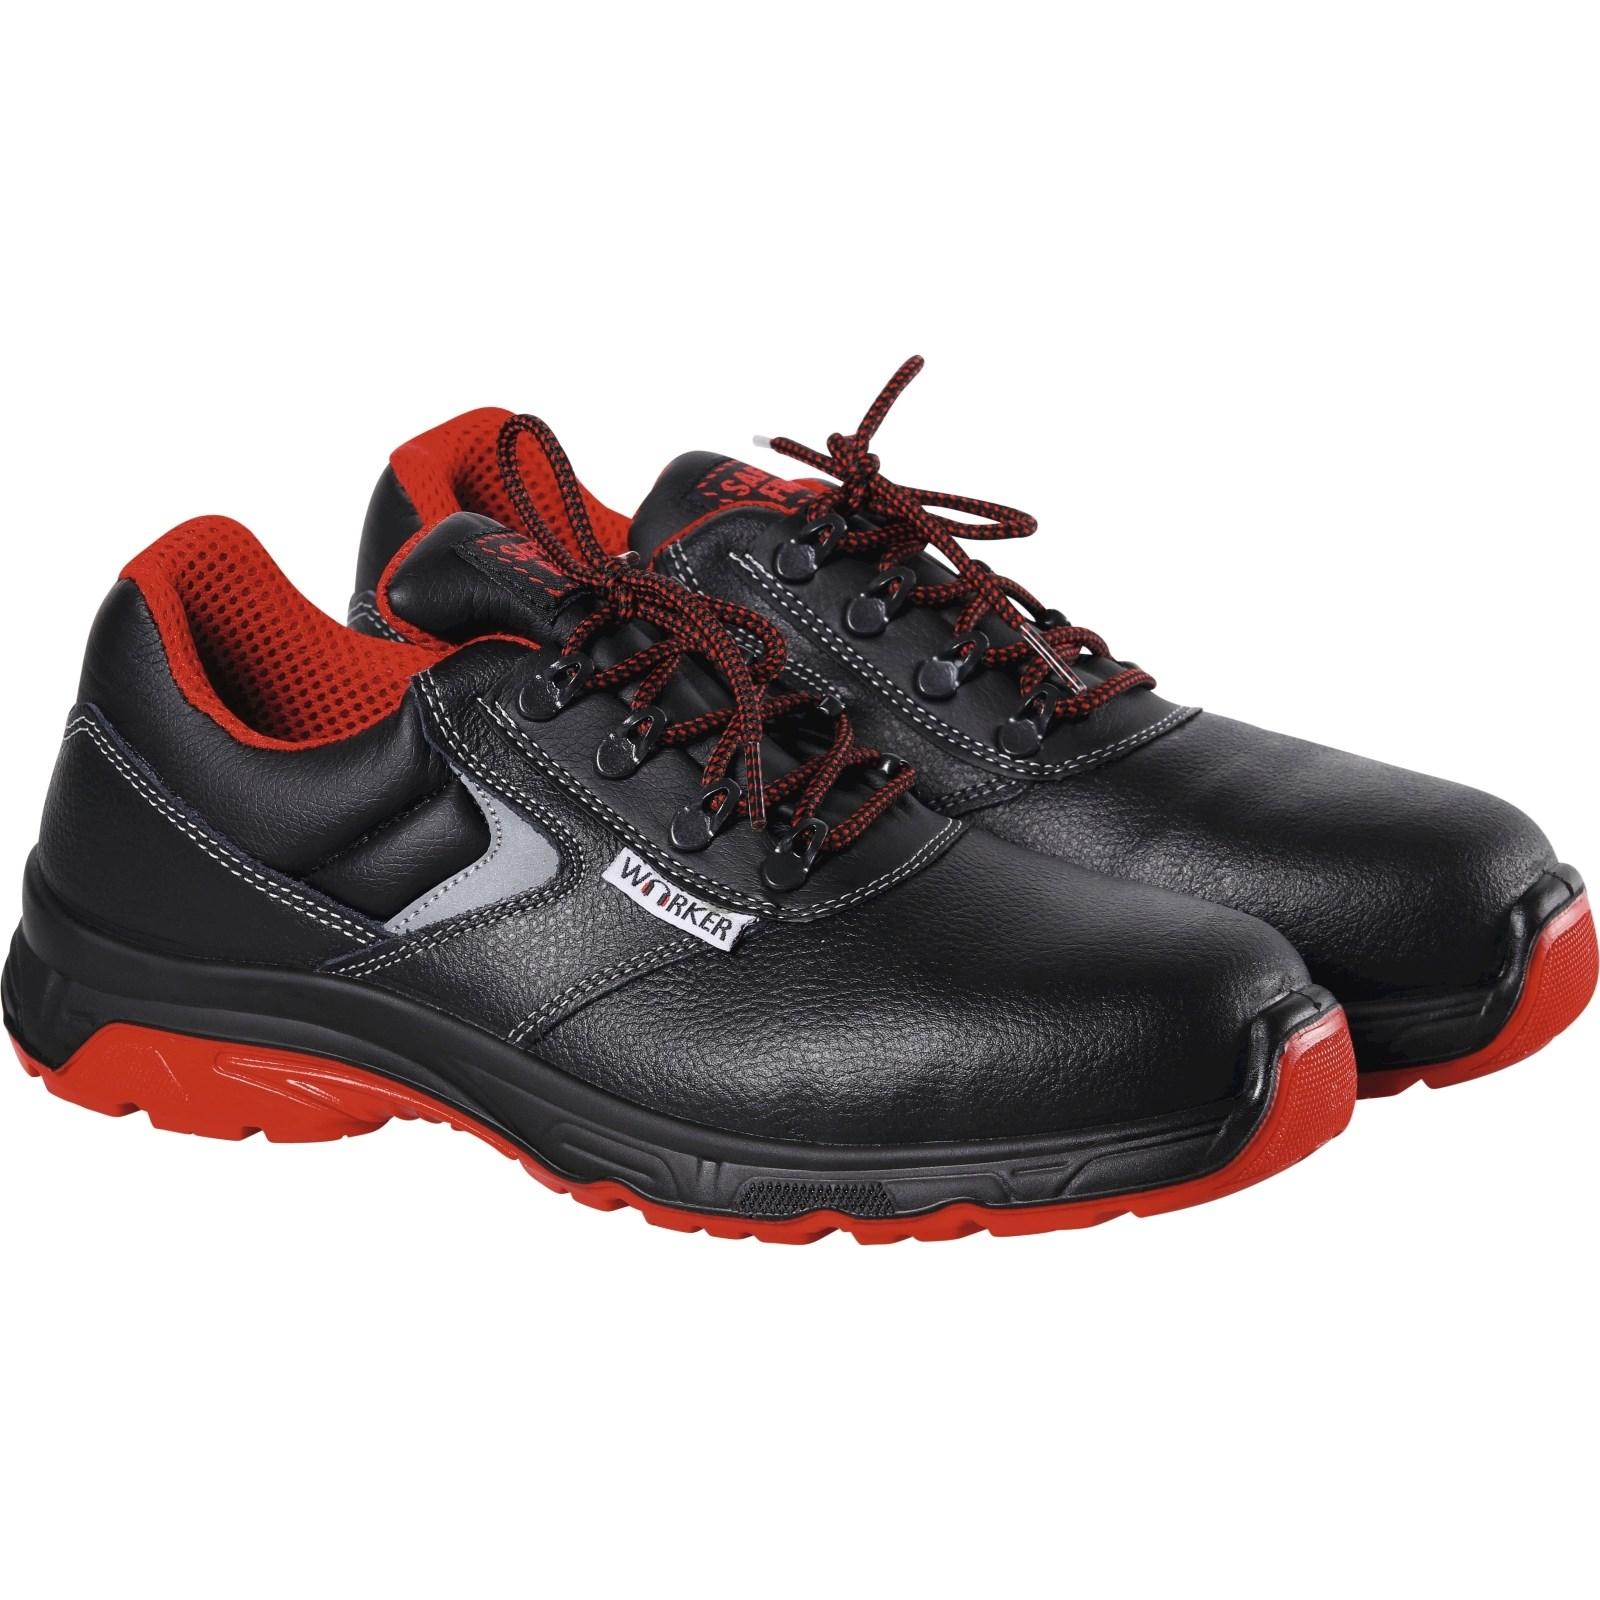 magasin d'usine df03e 85d4a Chaussure sécurité S3 basse - Chaussures de sécurité - LANDI